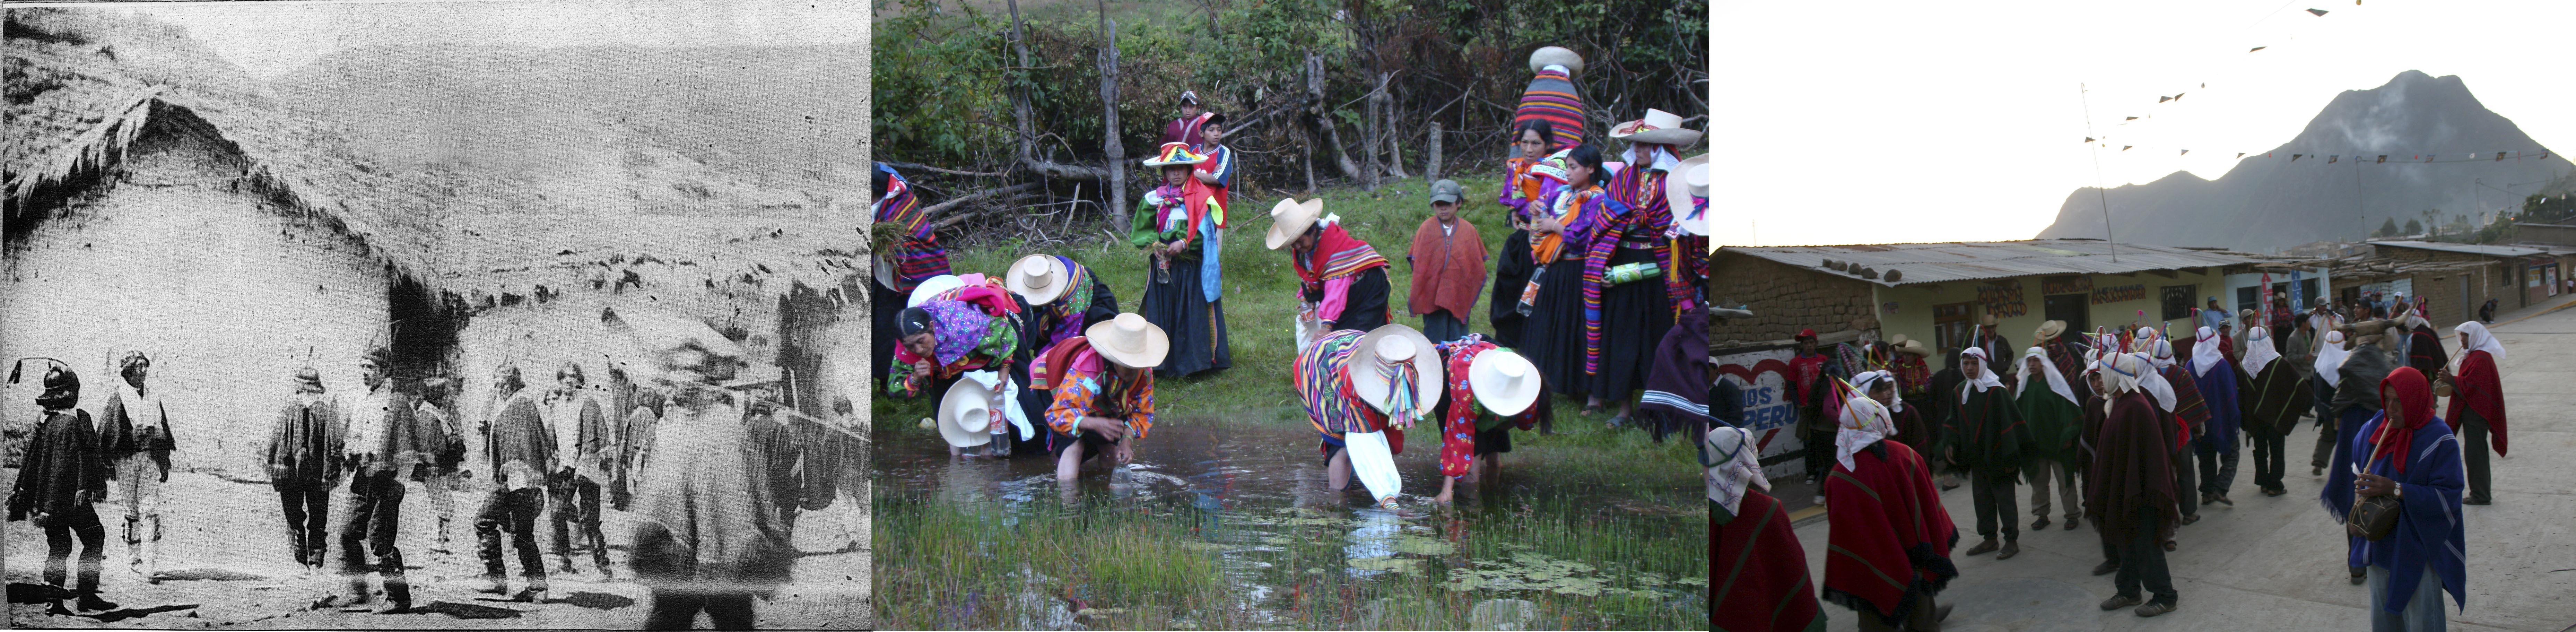 Plataforma para el estudio, la promoción y la difusión de la cultura de los quechua hablantes de Lambayeque